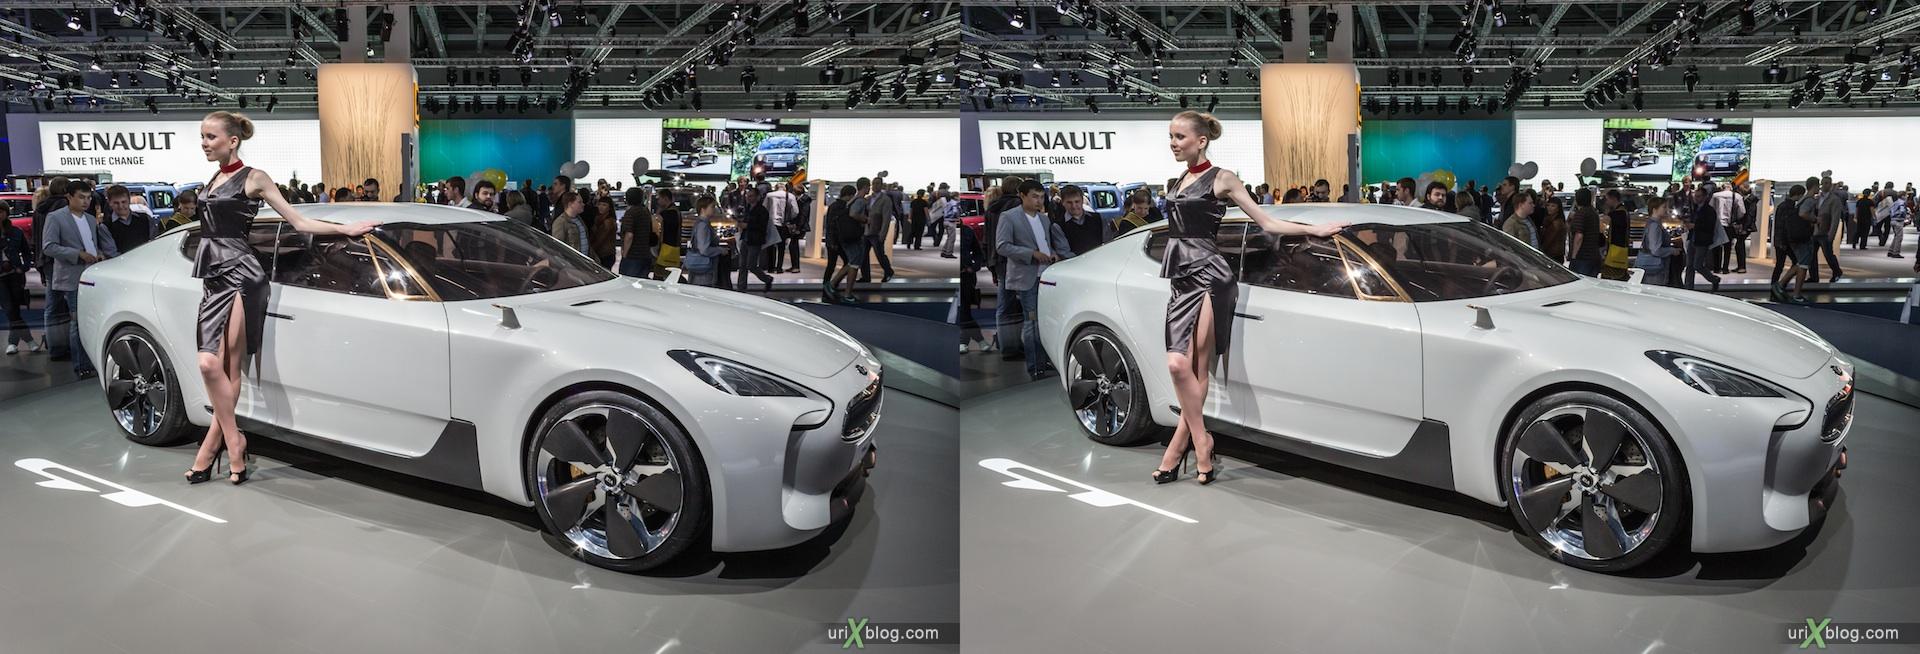 2012, KIA GT, девушка, модель, Московский международный автомобильный салон, ММАС, Крокус Экспо, 3D, стереопара